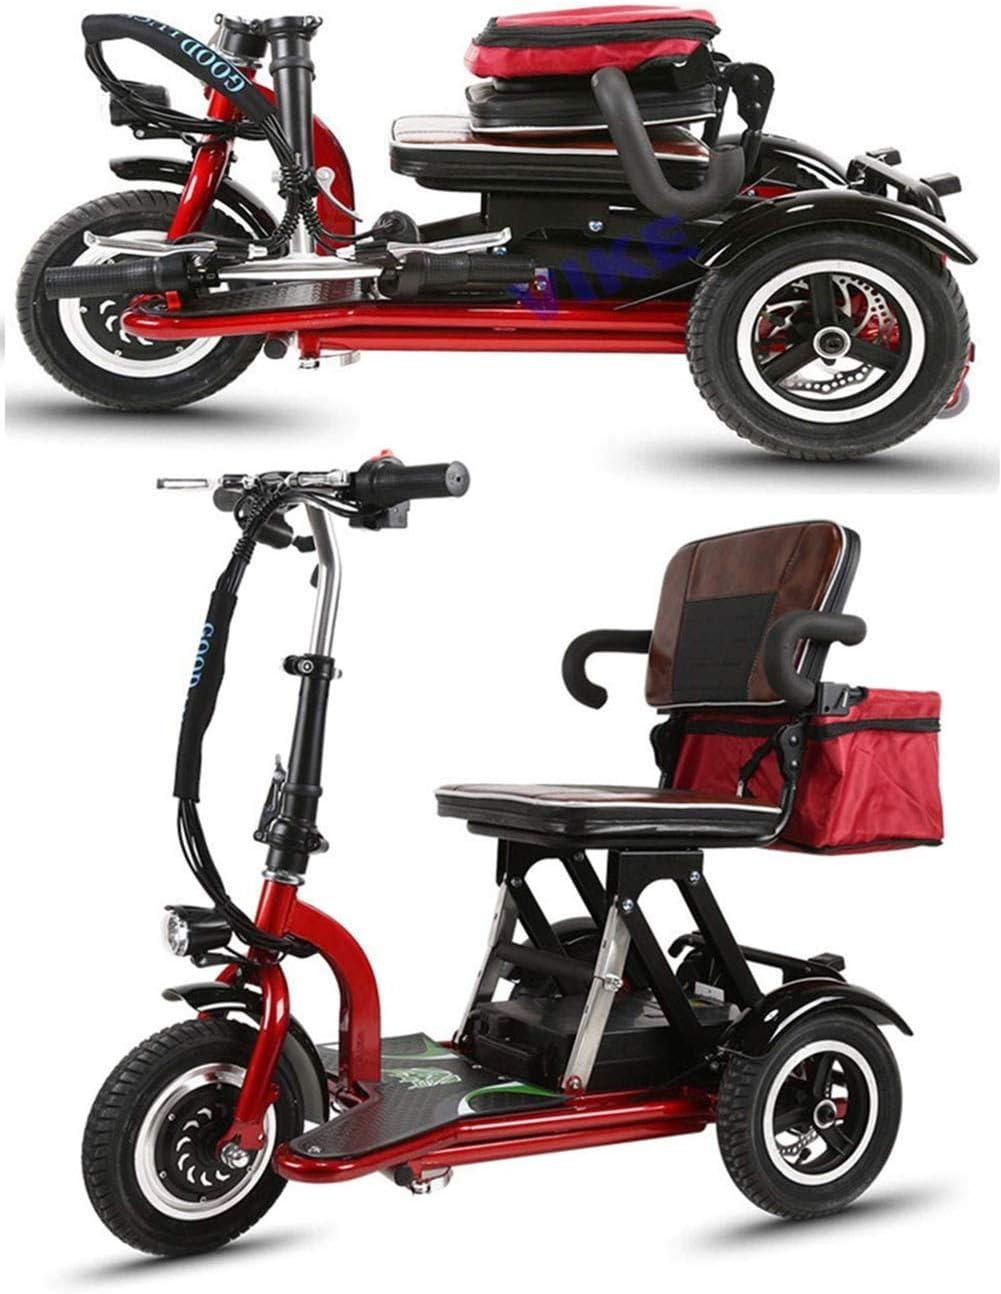 CYGGL Mini Triciclo eléctrico Plegable para Ancianos y discapacitados, Motor 350W - Peso Corporal 26KG - Carga 120KG - Kilometraje máximo 30Km-Street Legal